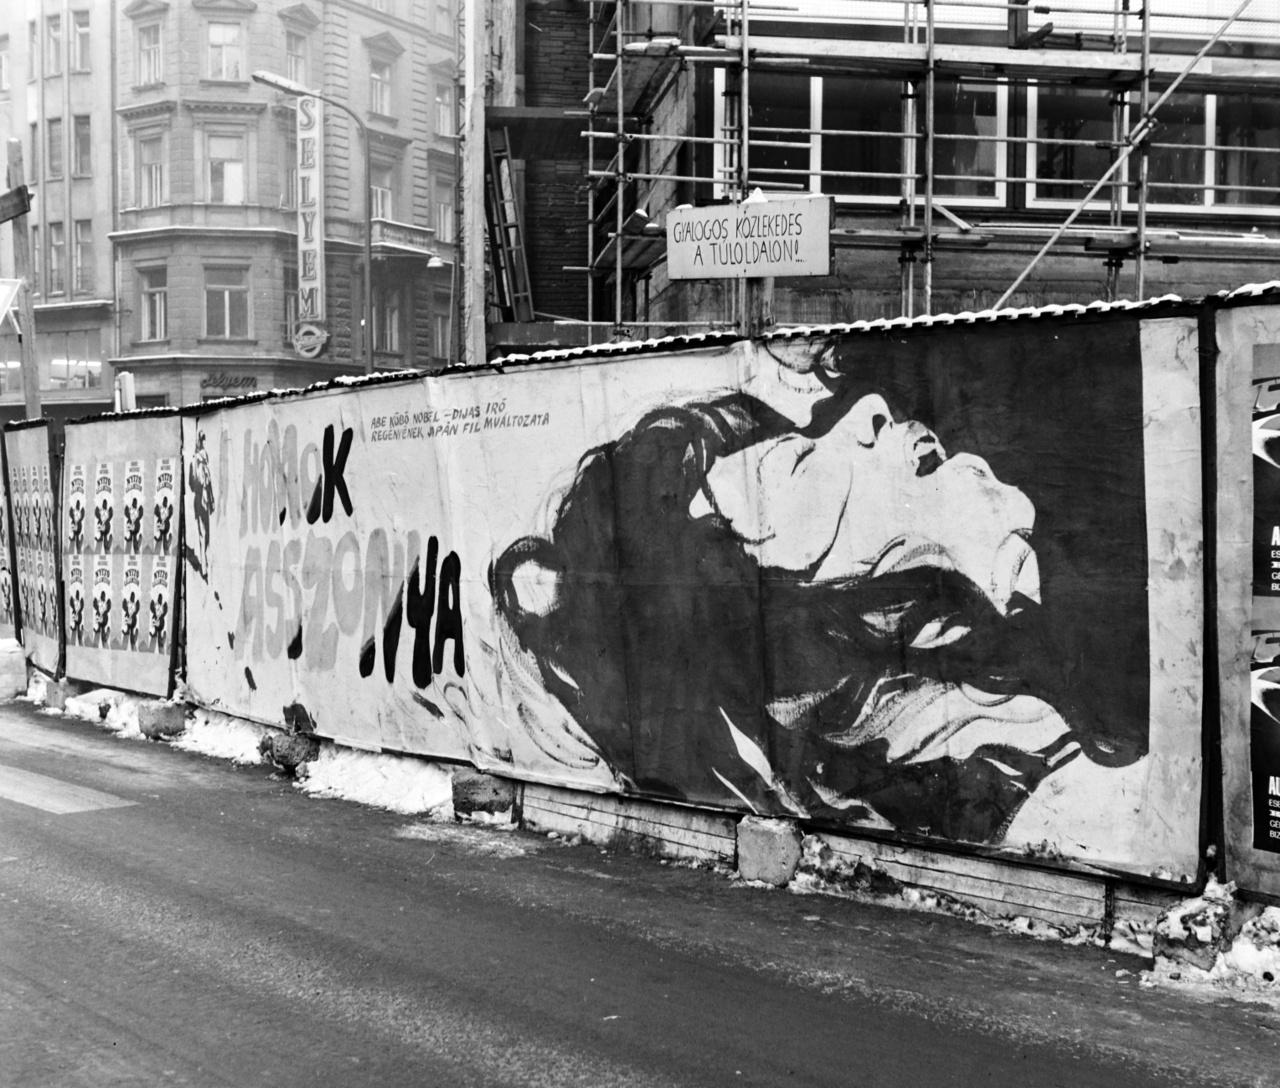 A homok asszonya Cannes-i fesztiváldíjas díjas film (r. Tesigahara Hirosi, 1963) kifejező, a szenvedéstől eltorzult arcú nőt fekvő testhelyzetben és szétbomlott hosszú hajjal megragadó pannóját a Martinelli téren állították ki. A filmet 1971 januárjában mutatták be itthon. A fotó a háttérben látni engedi a Bécsi utcai ház falára erősített Selyem feliratú fényreklámot. A Gyalogos forgalom a túloldalon tábla sokáig maradhatott itt, mert az Országos Műszaki Fejlesztési Bizottság (OMFB) székházát csak 1973-ban adták át.